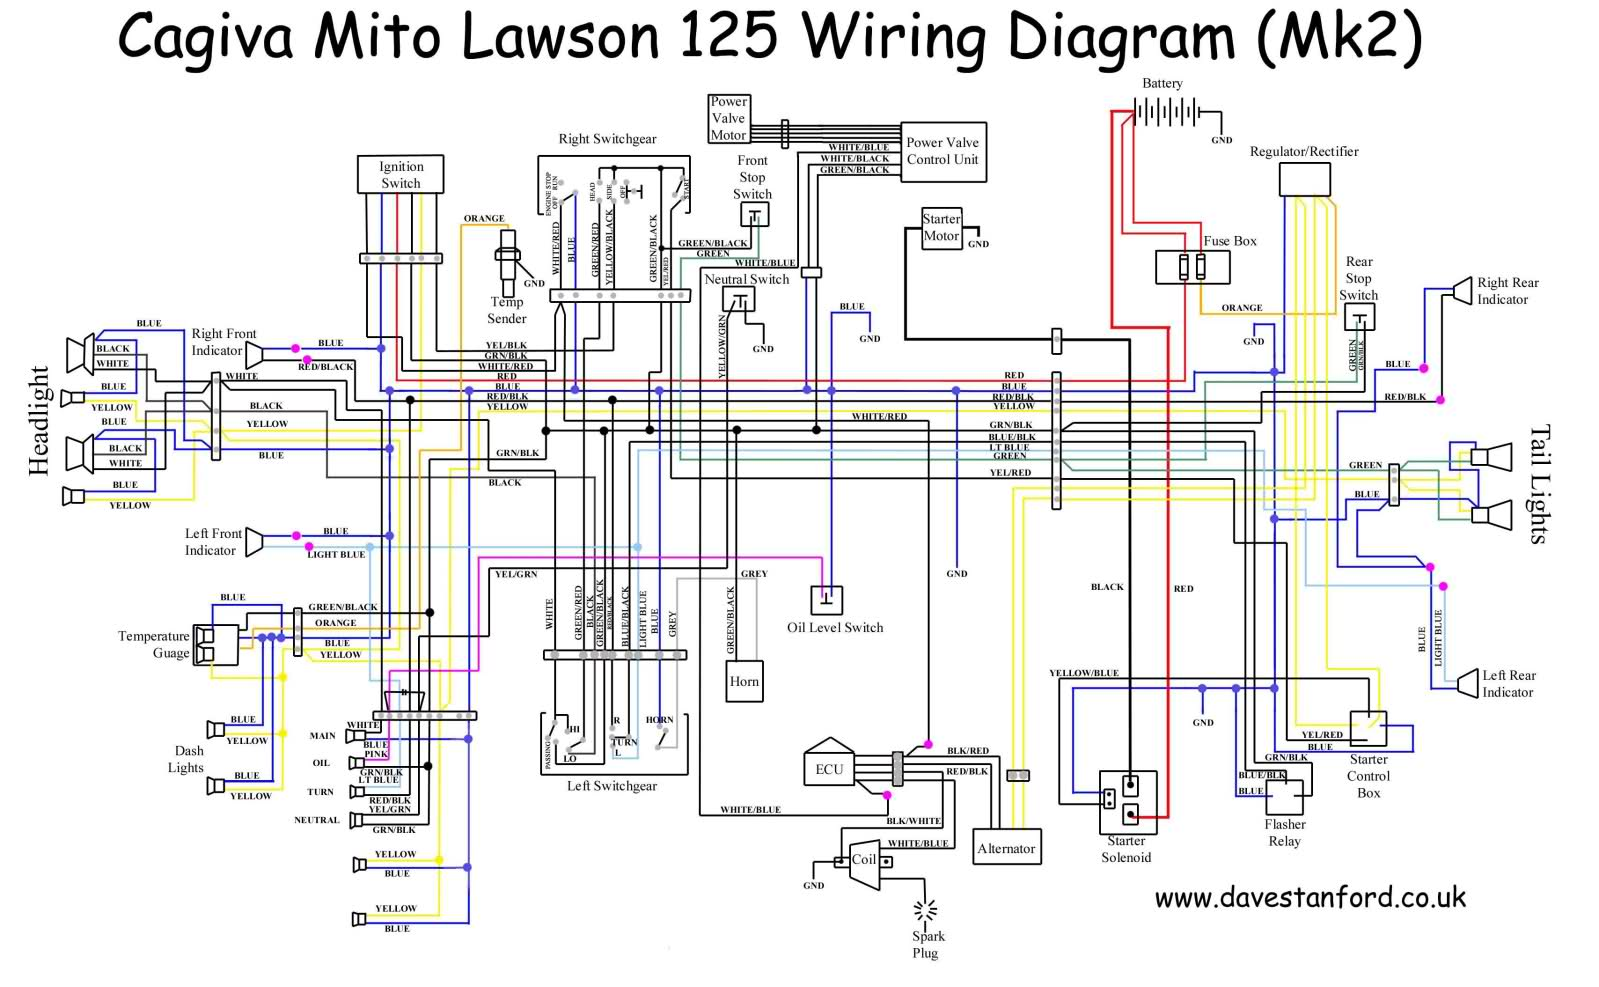 cagiva mito 125 cagiva mito 125 wiring diagrams electrics cagiva mito bike show cagiva mito power valve wiring [ 1599 x 987 Pixel ]